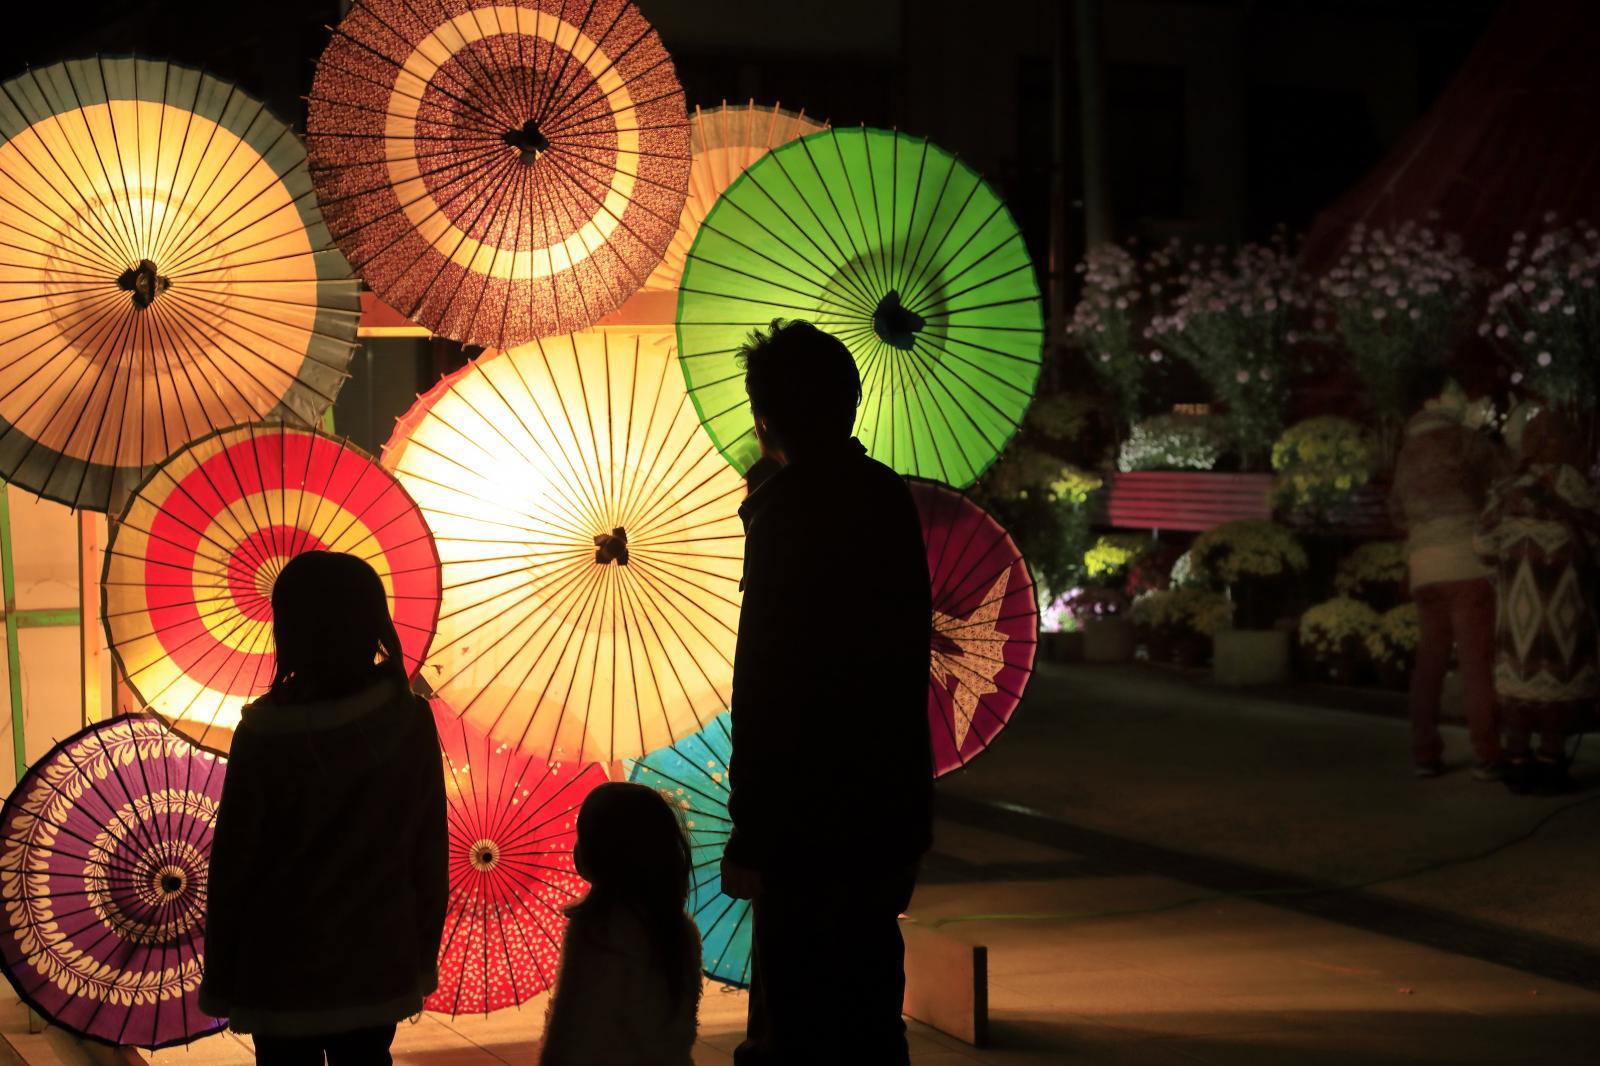 菊まつり傘